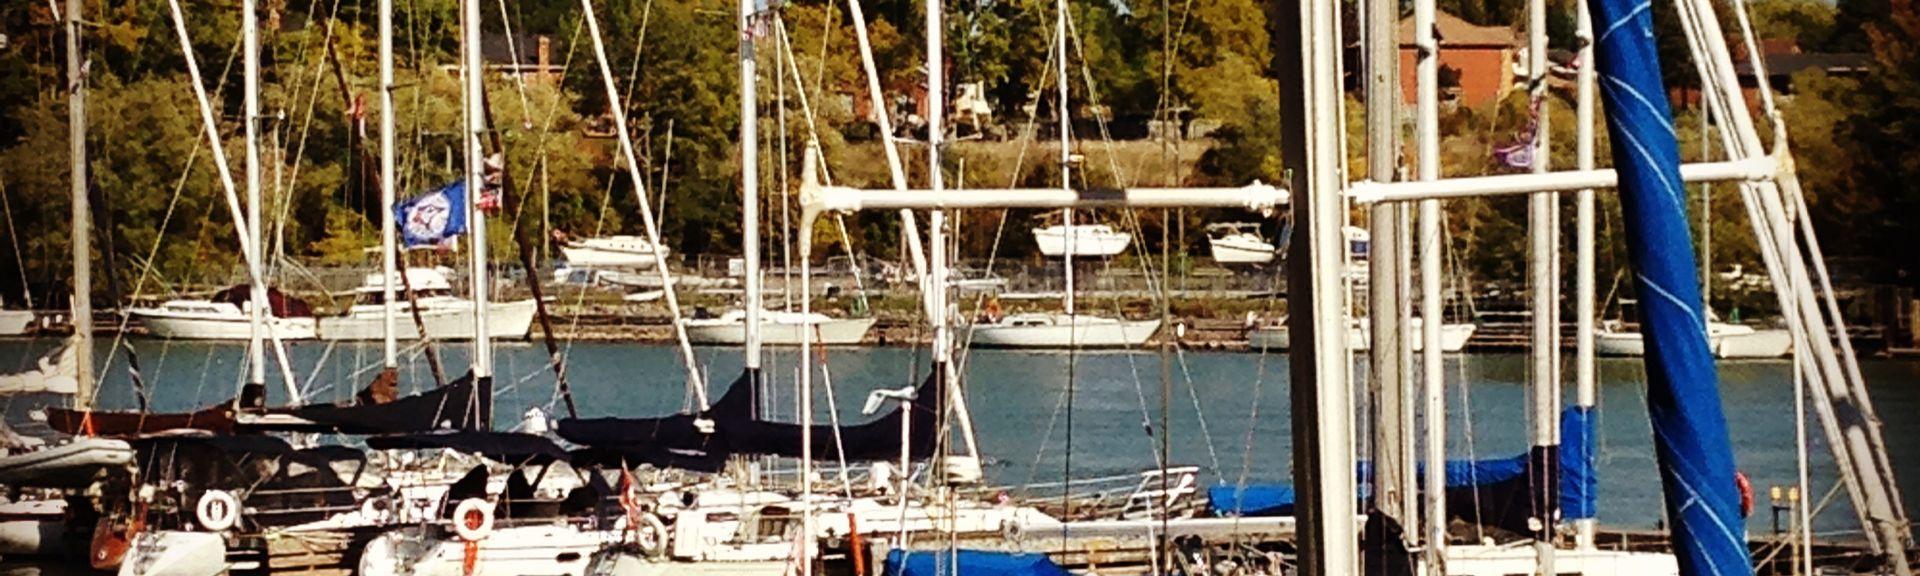 Port Dalhousie, St. Catharines, Ontario, Canada